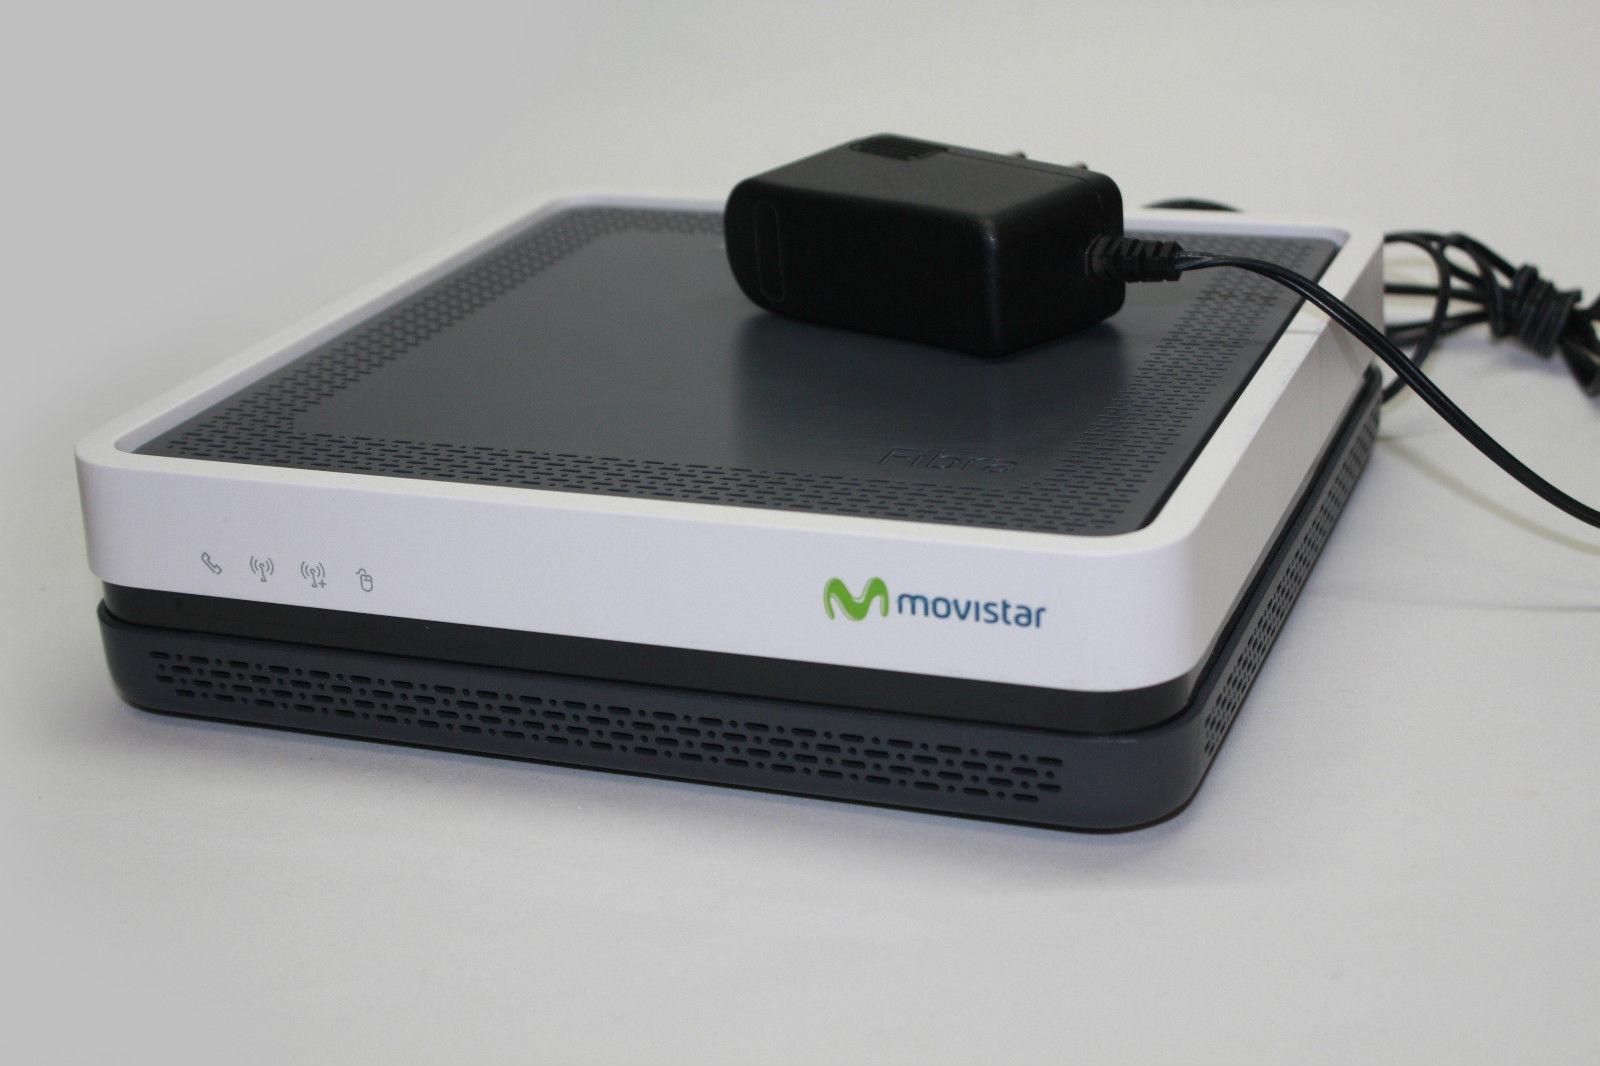 Como configurar el router de Movistar en modo bridge, para aprovechar la potencia de un router neutro